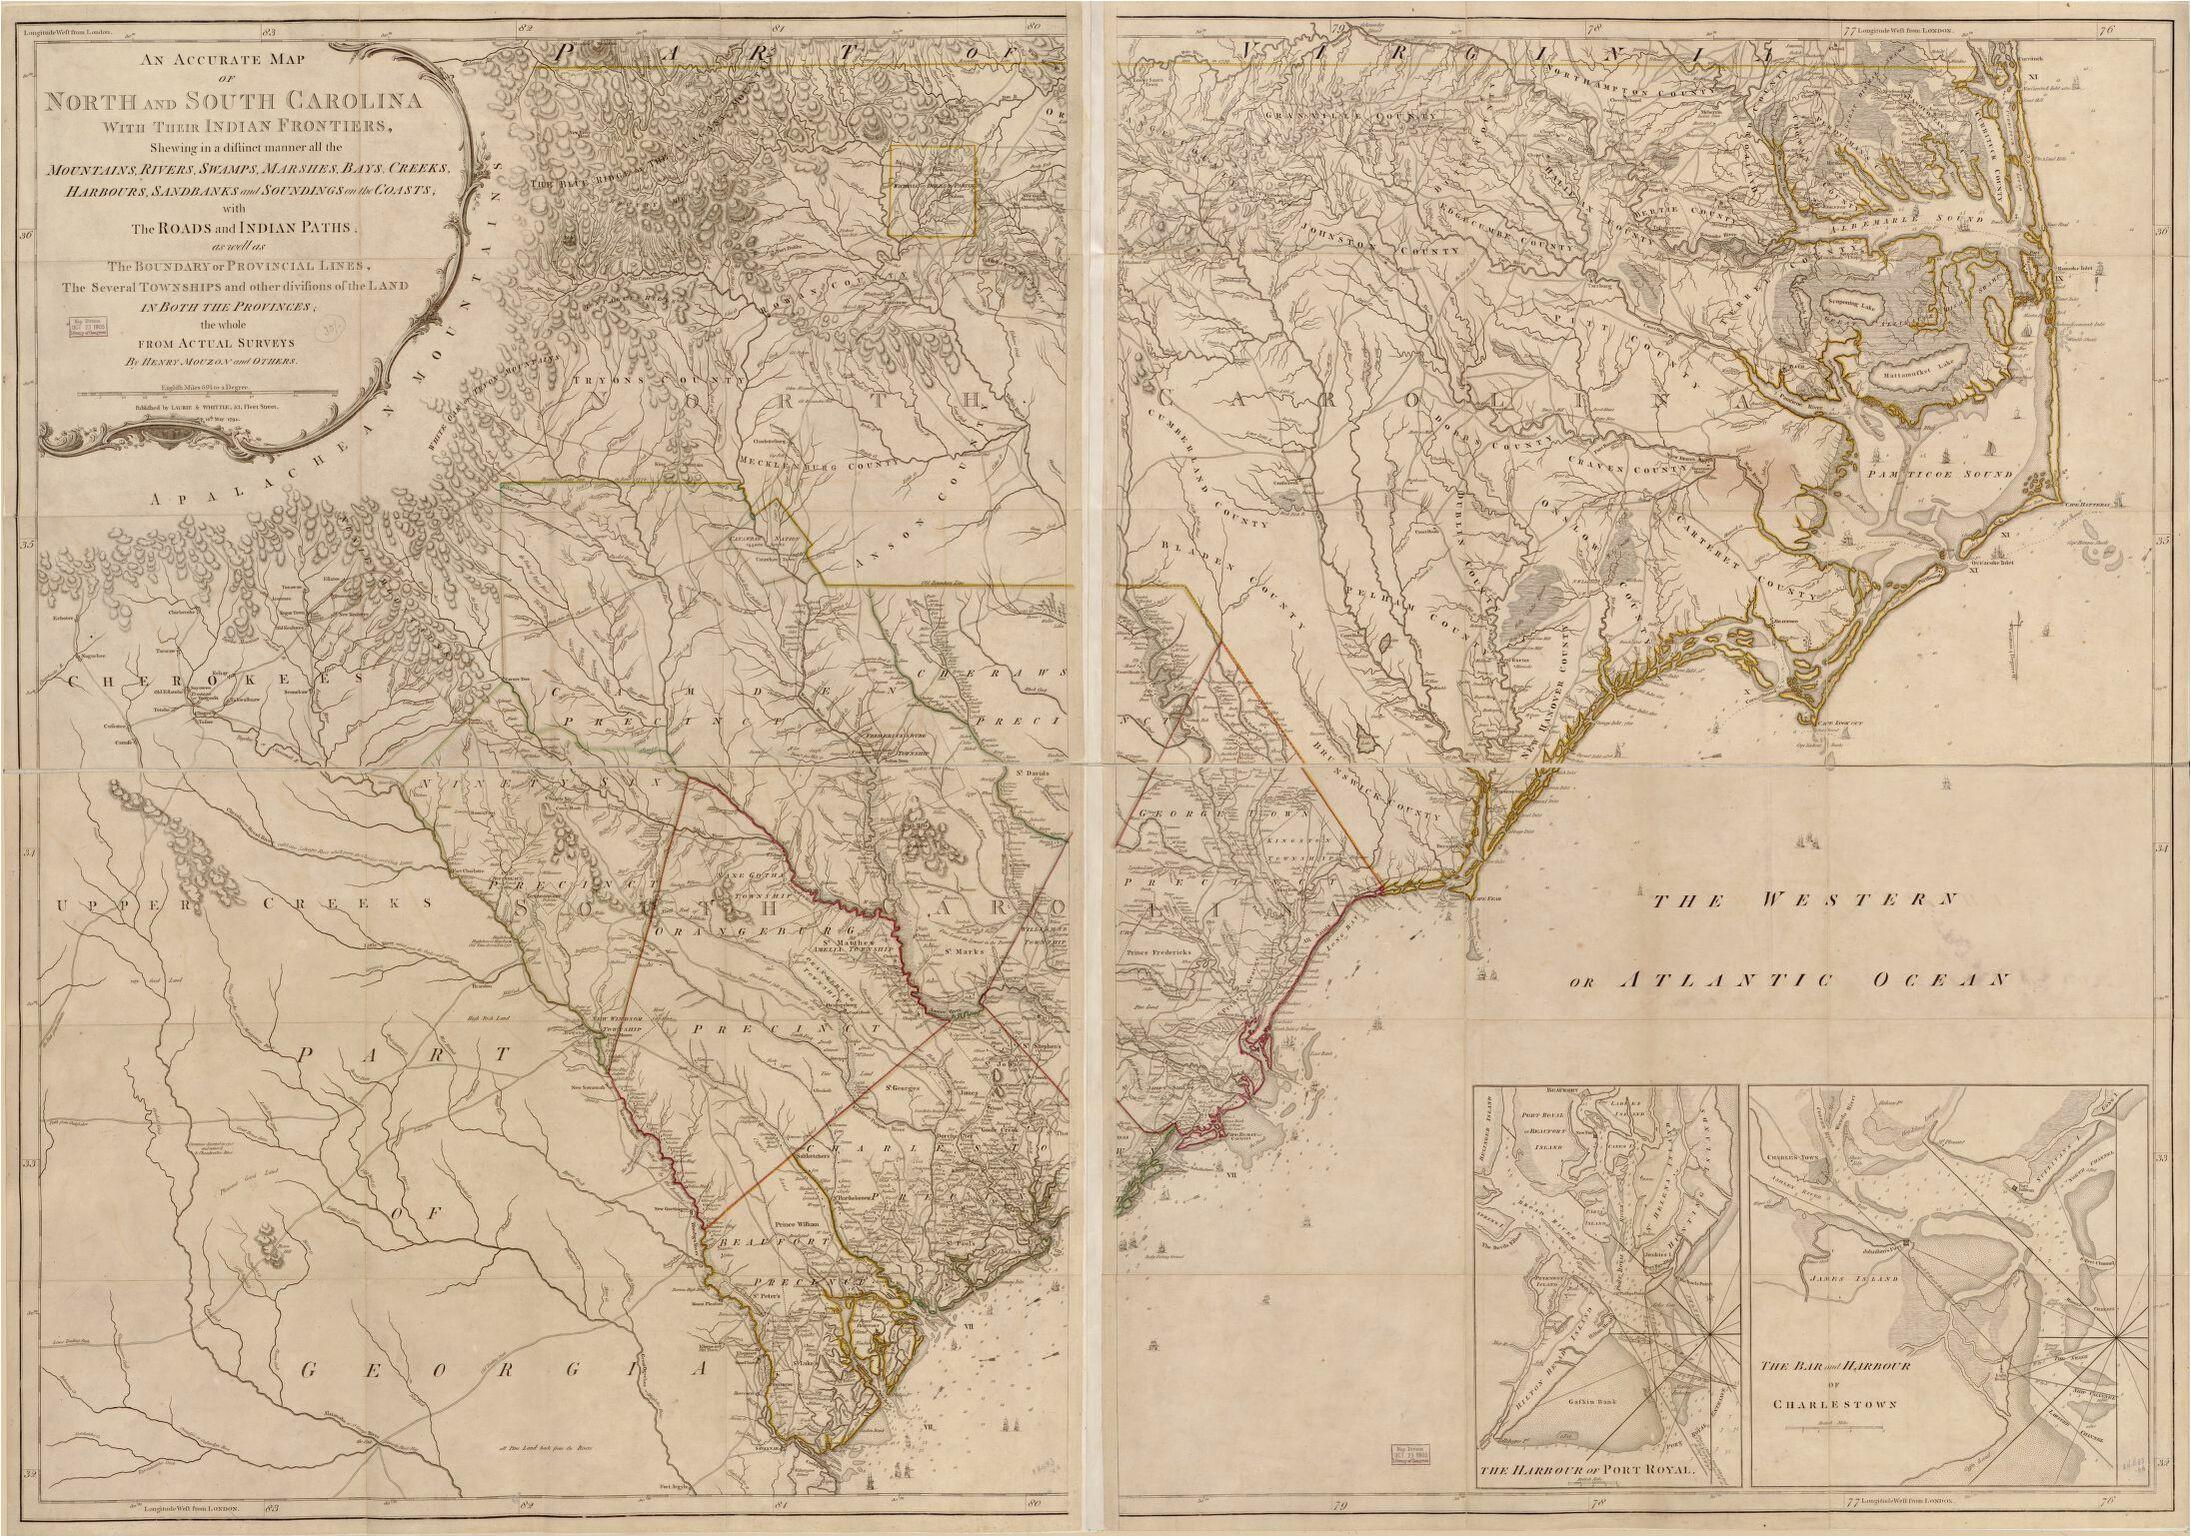 map north carolina library of congress